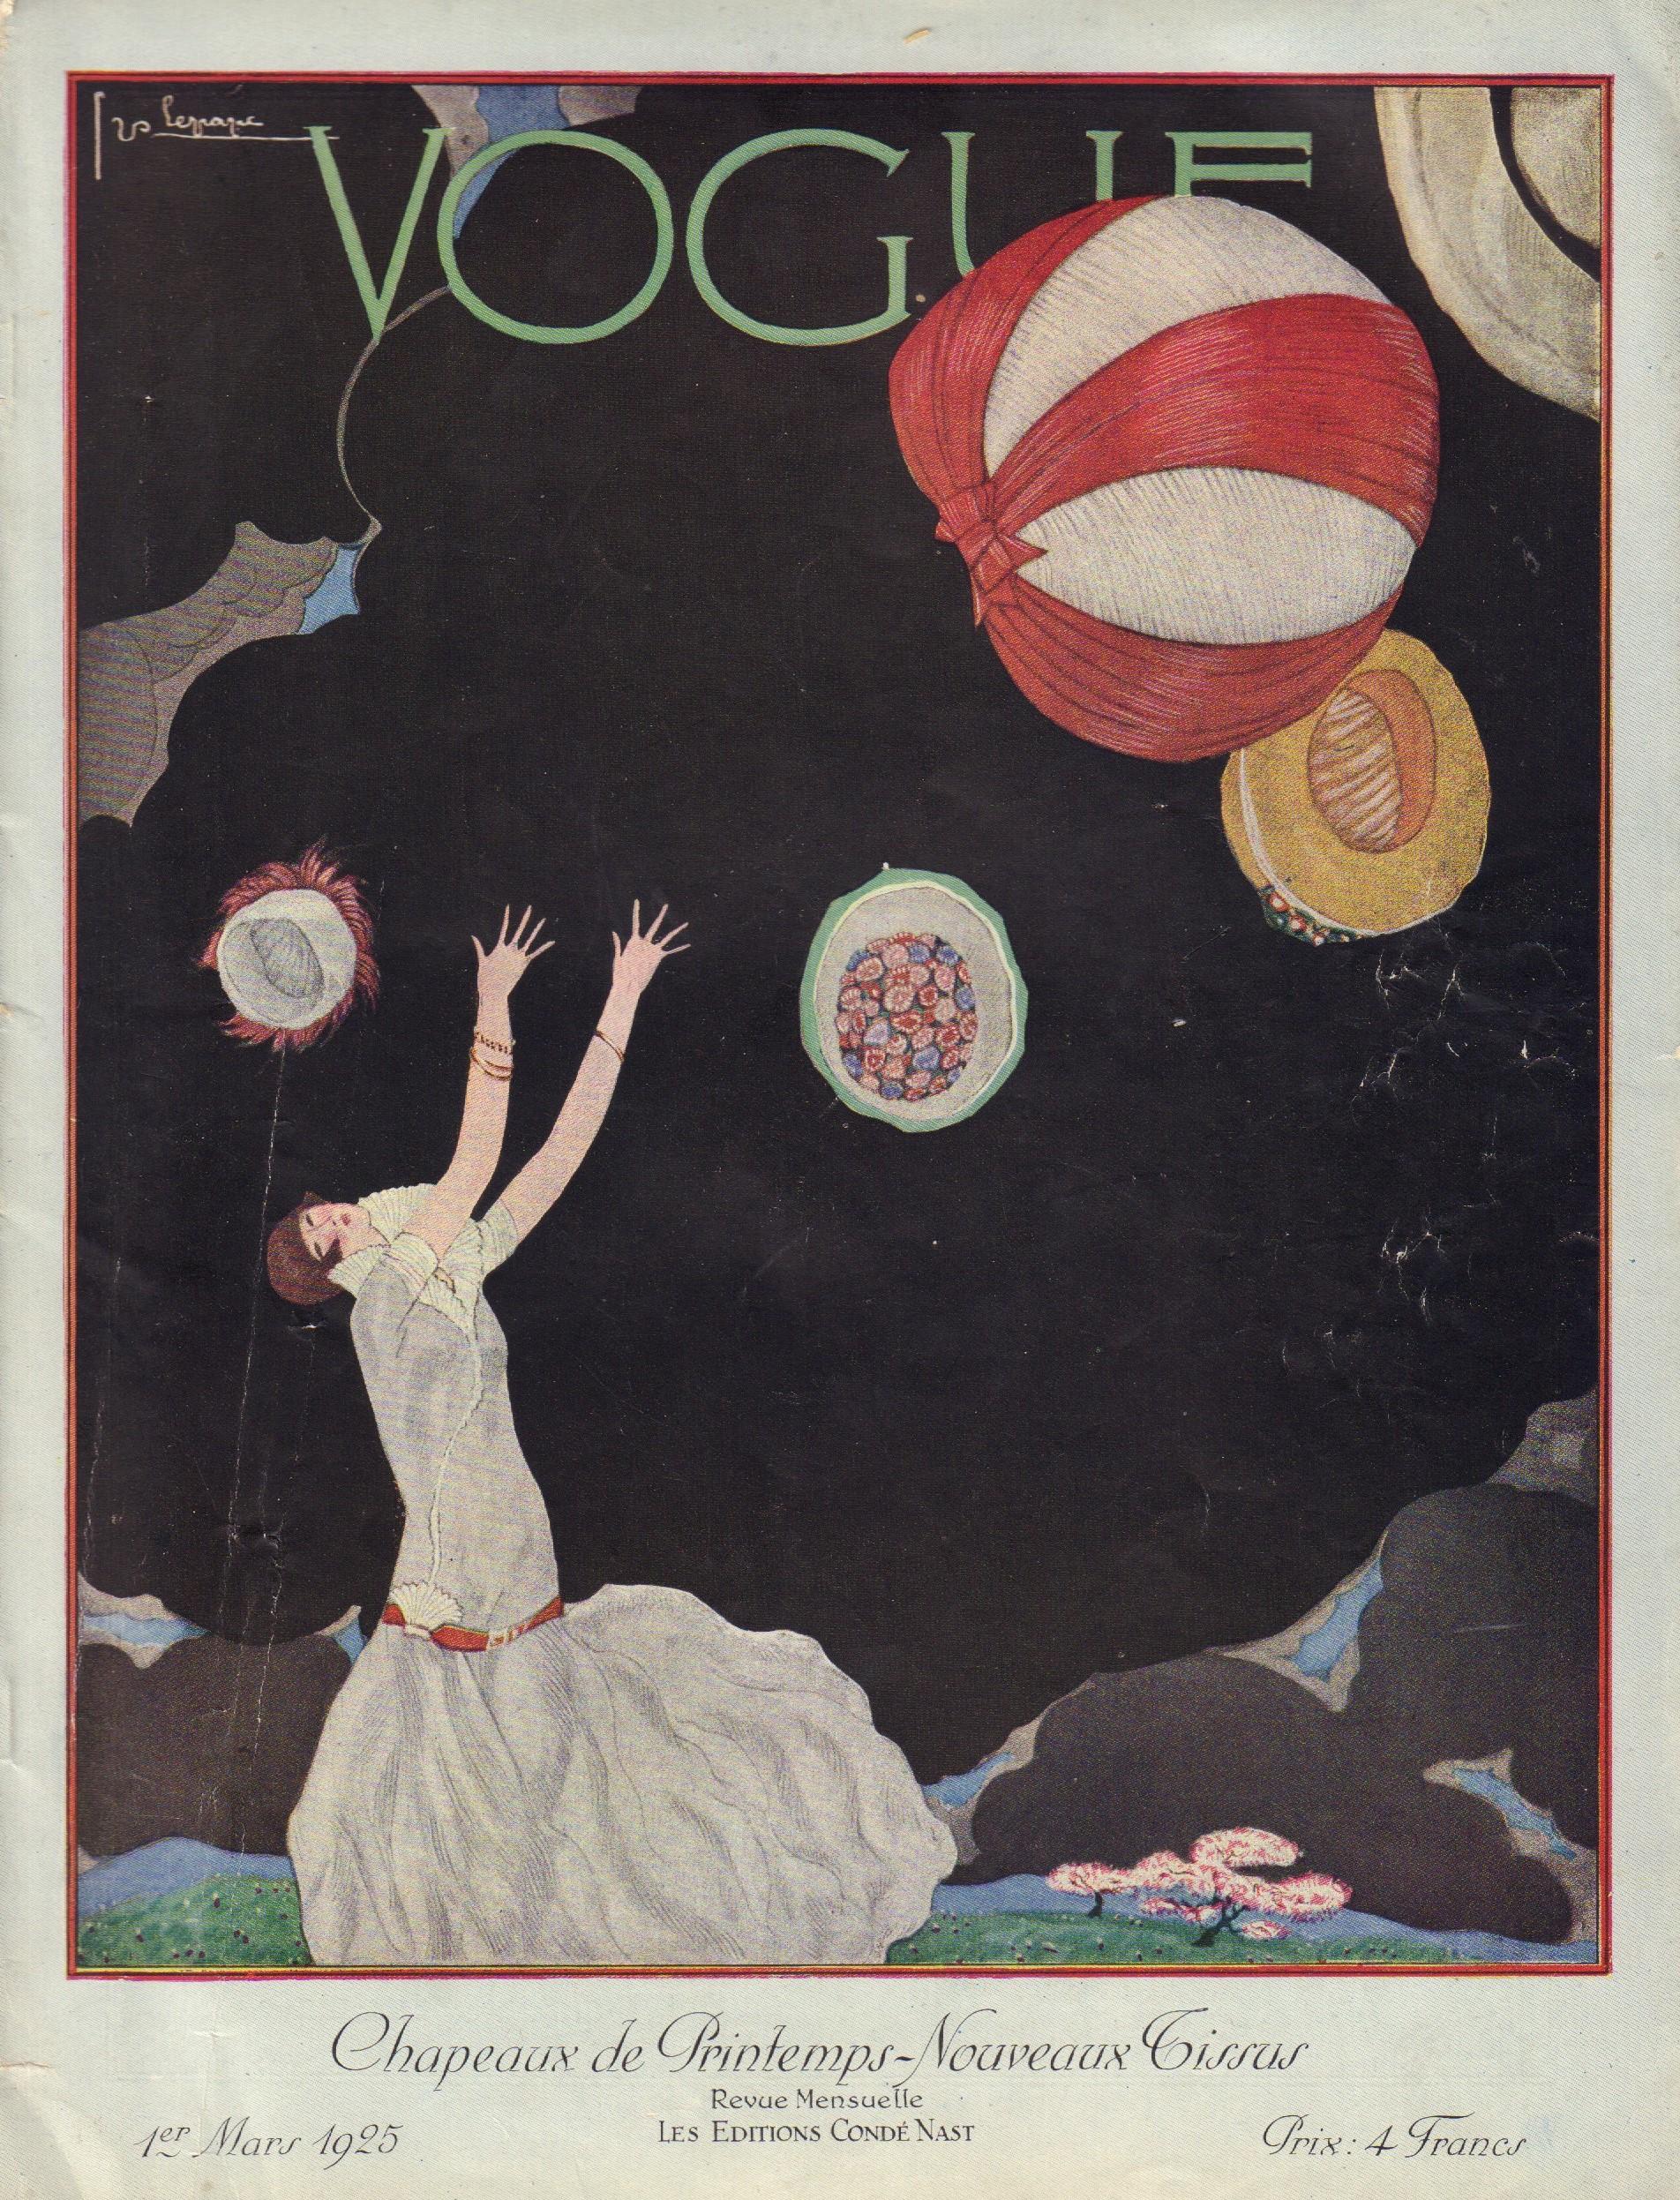 Image for Vogue 1er Mars 1925